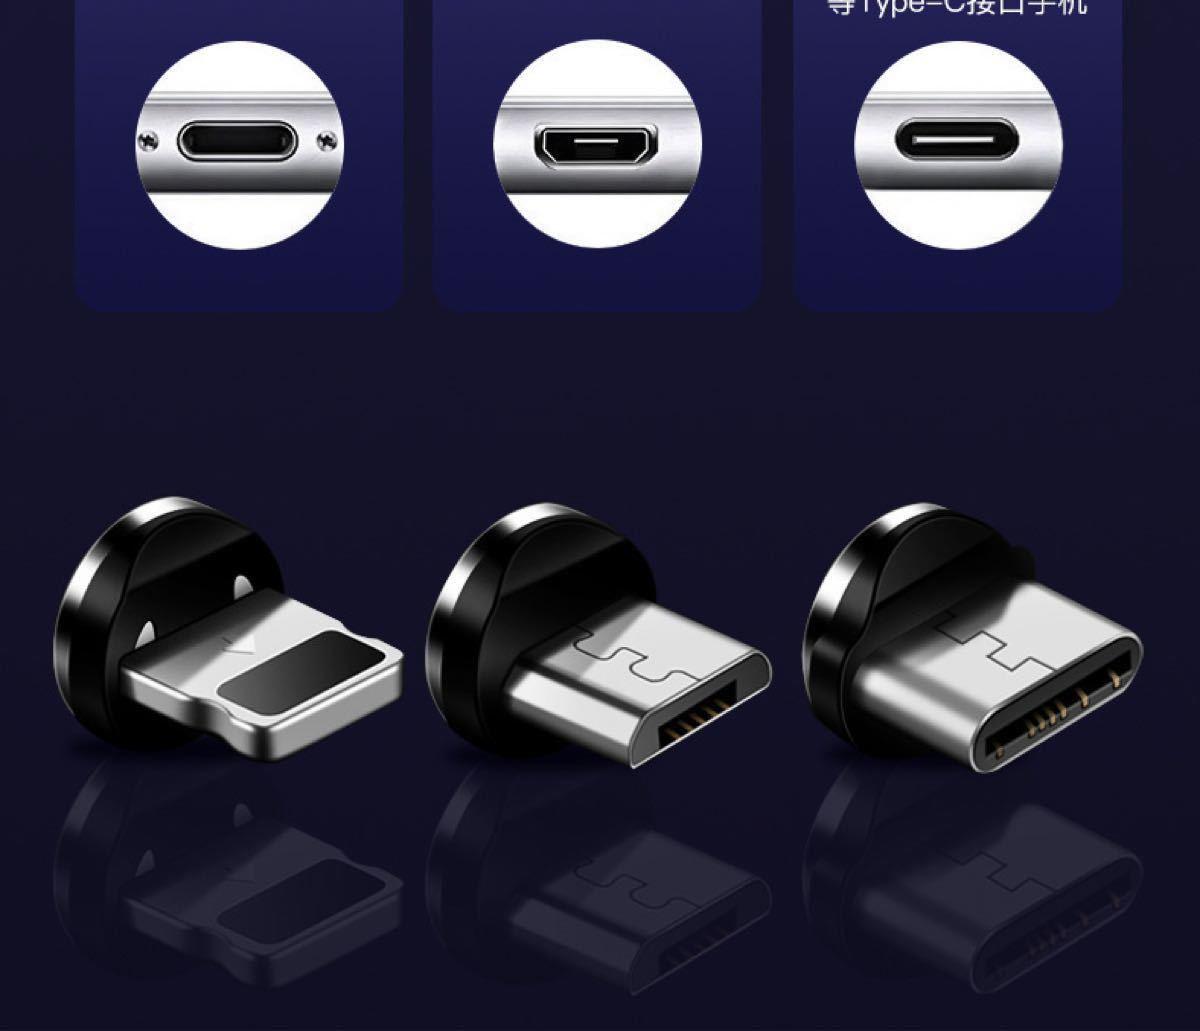 マグネット充電ケーブル1M*3本+6個端子(iPhone *2+Android *2+TYPE-C*2)急速充電 磁石式ケーブル